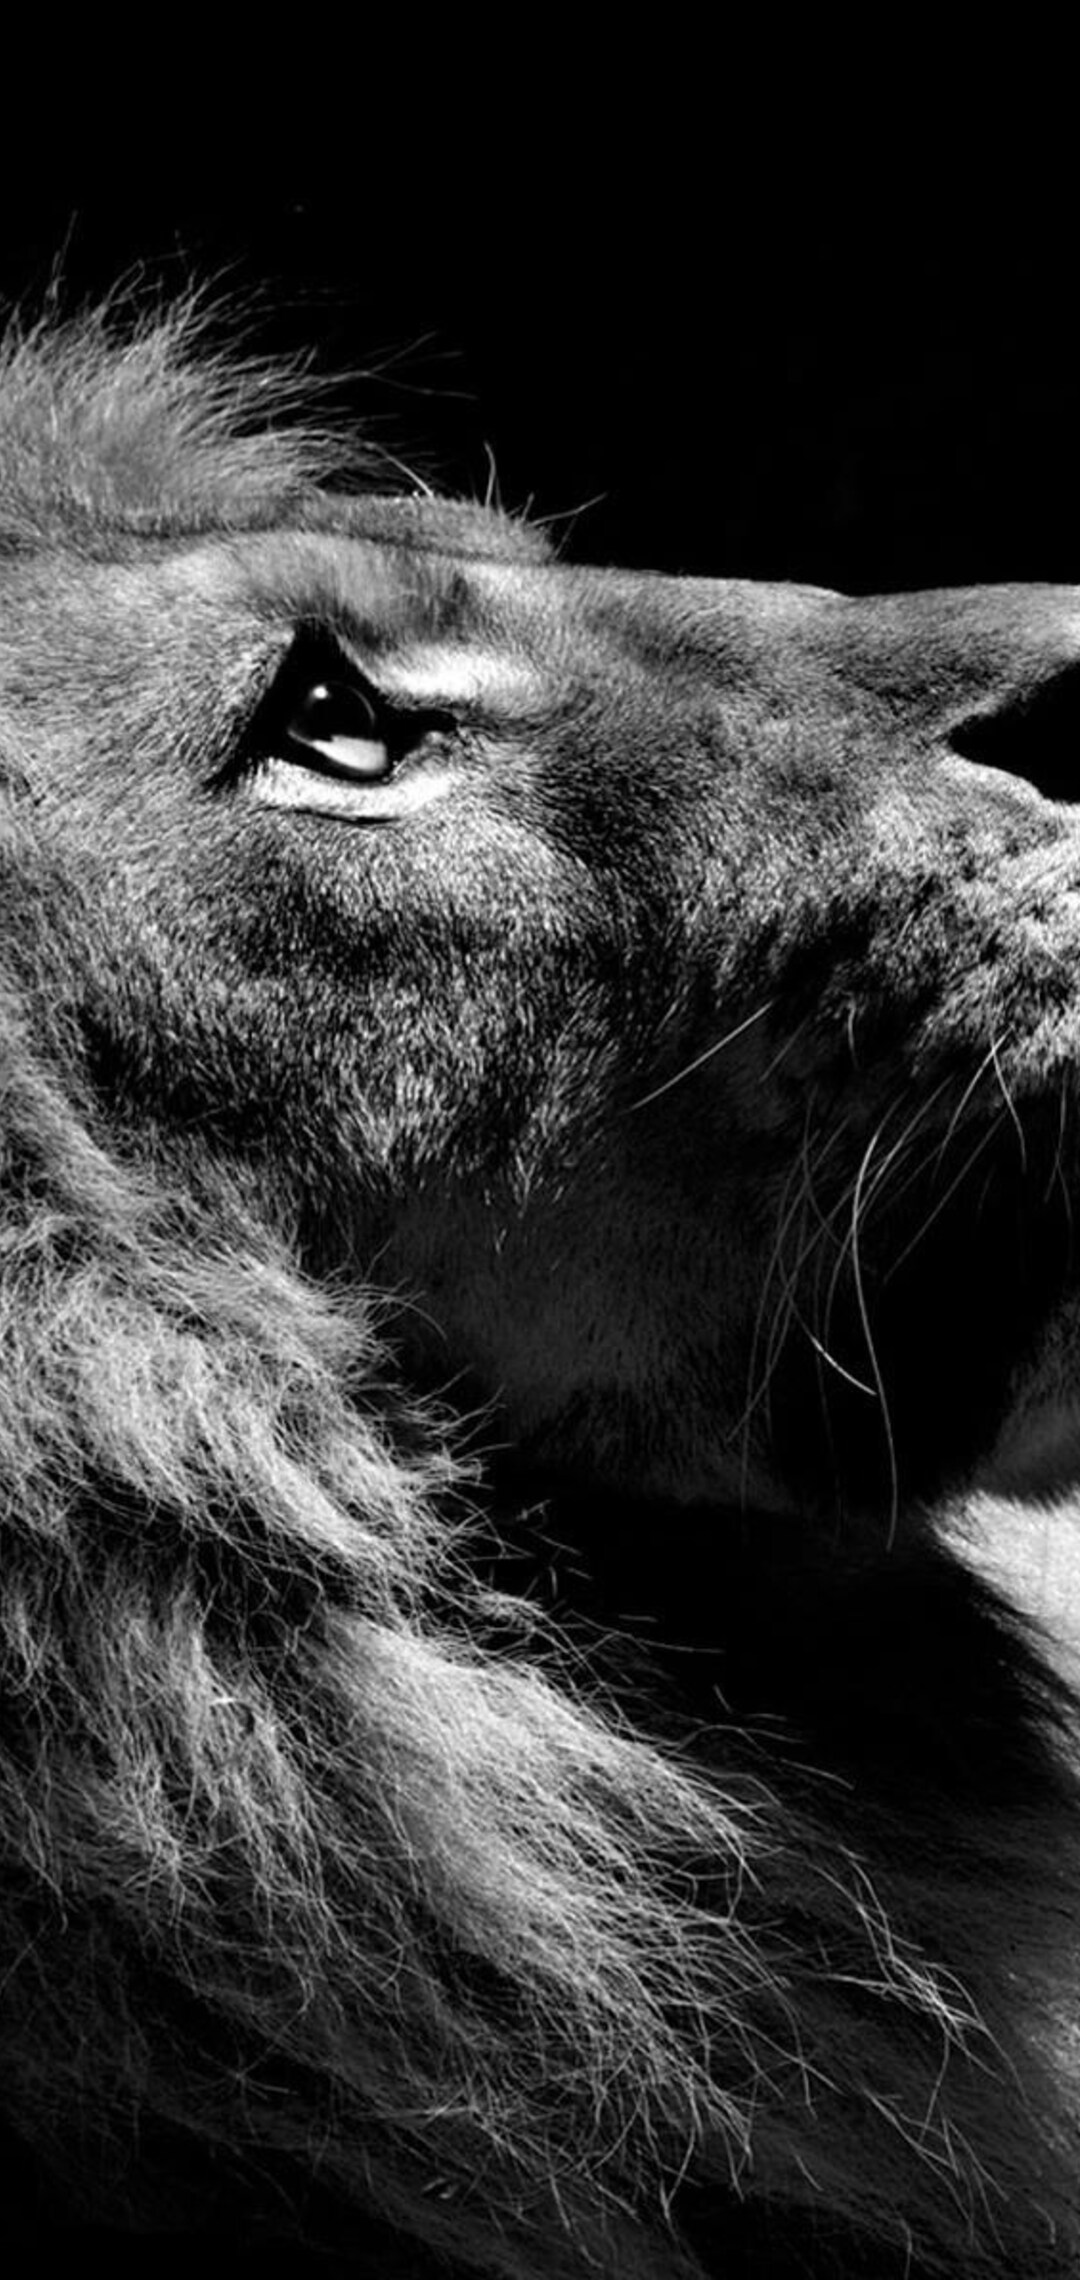 lion-black-and-white.jpg